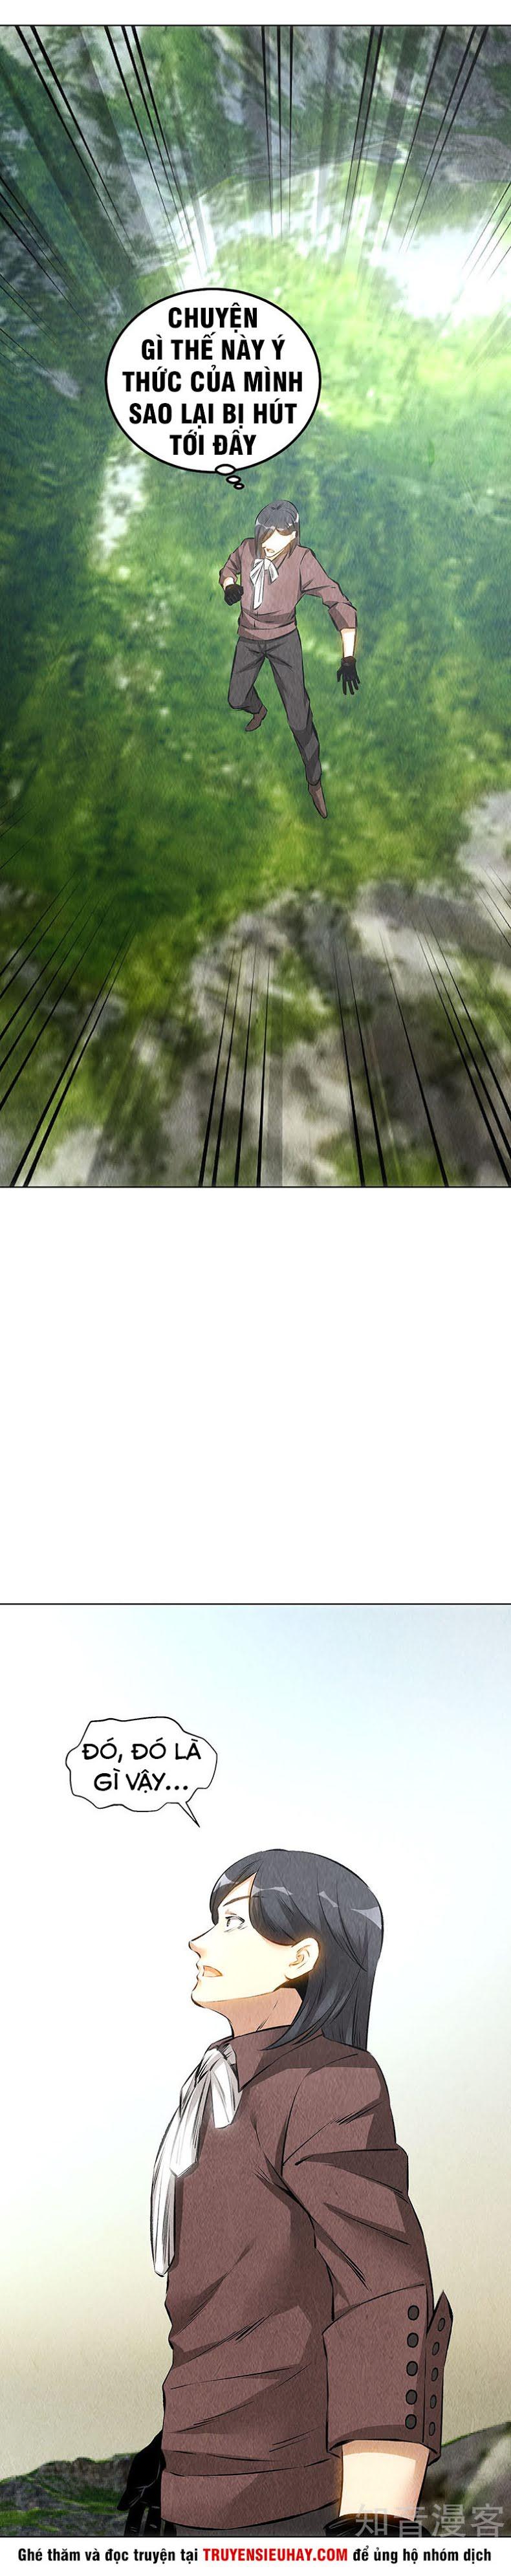 Ta Là Phế Vật chapter 164 video - Upload bởi truyensieuhay.com